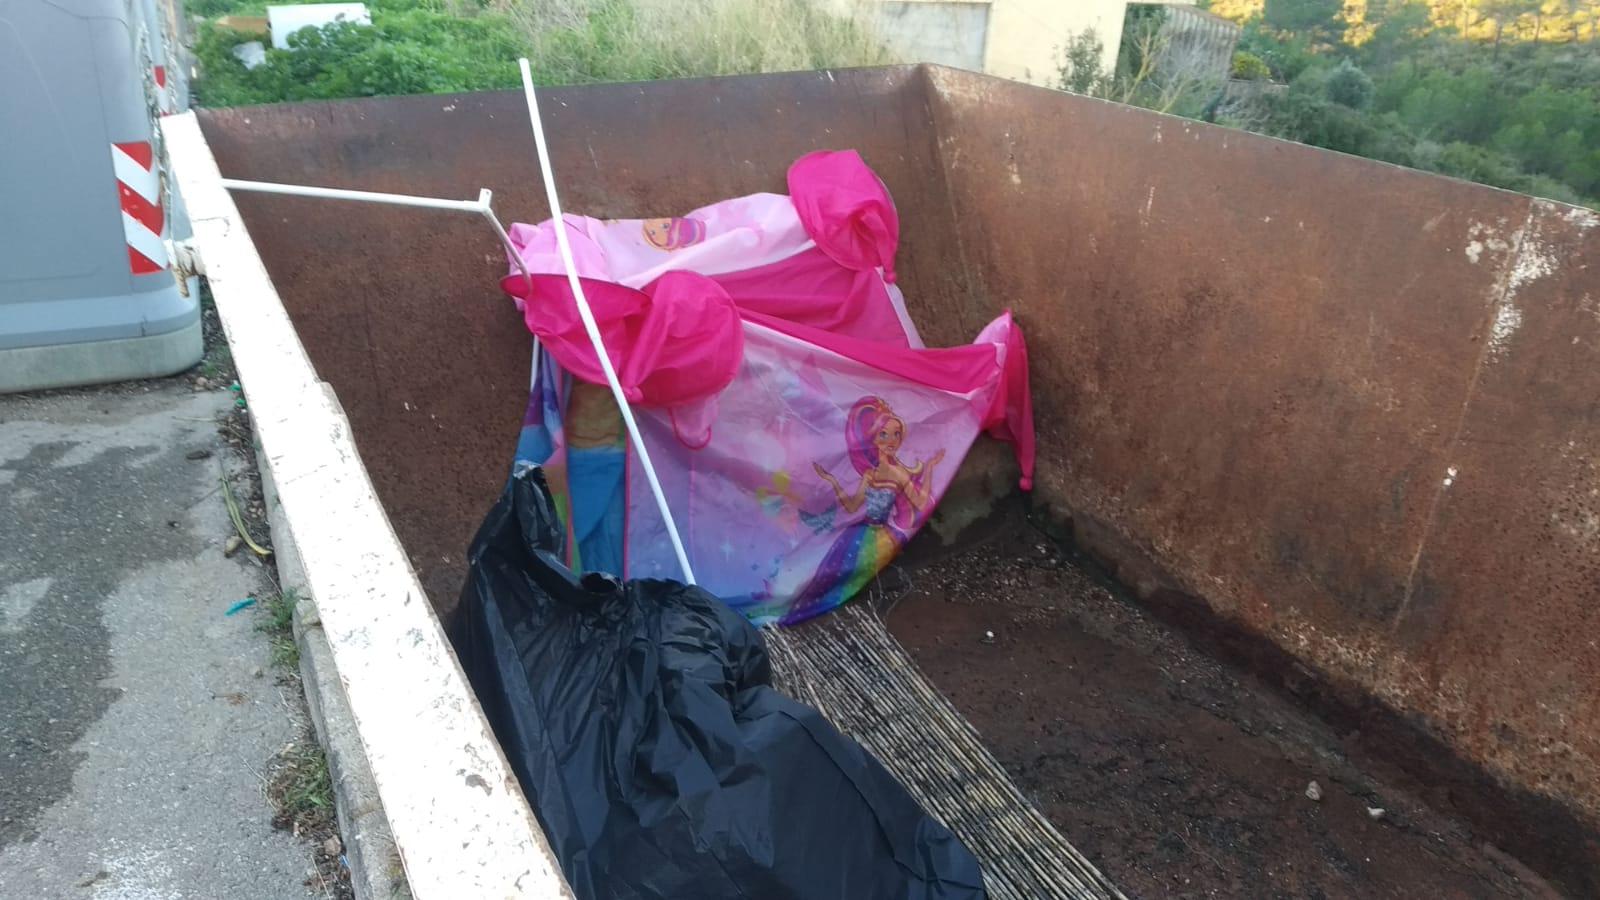 Els contenidors per a les restes de poda són només per a la poda. Fem-ho bé: portem cada residu al seu lloc.